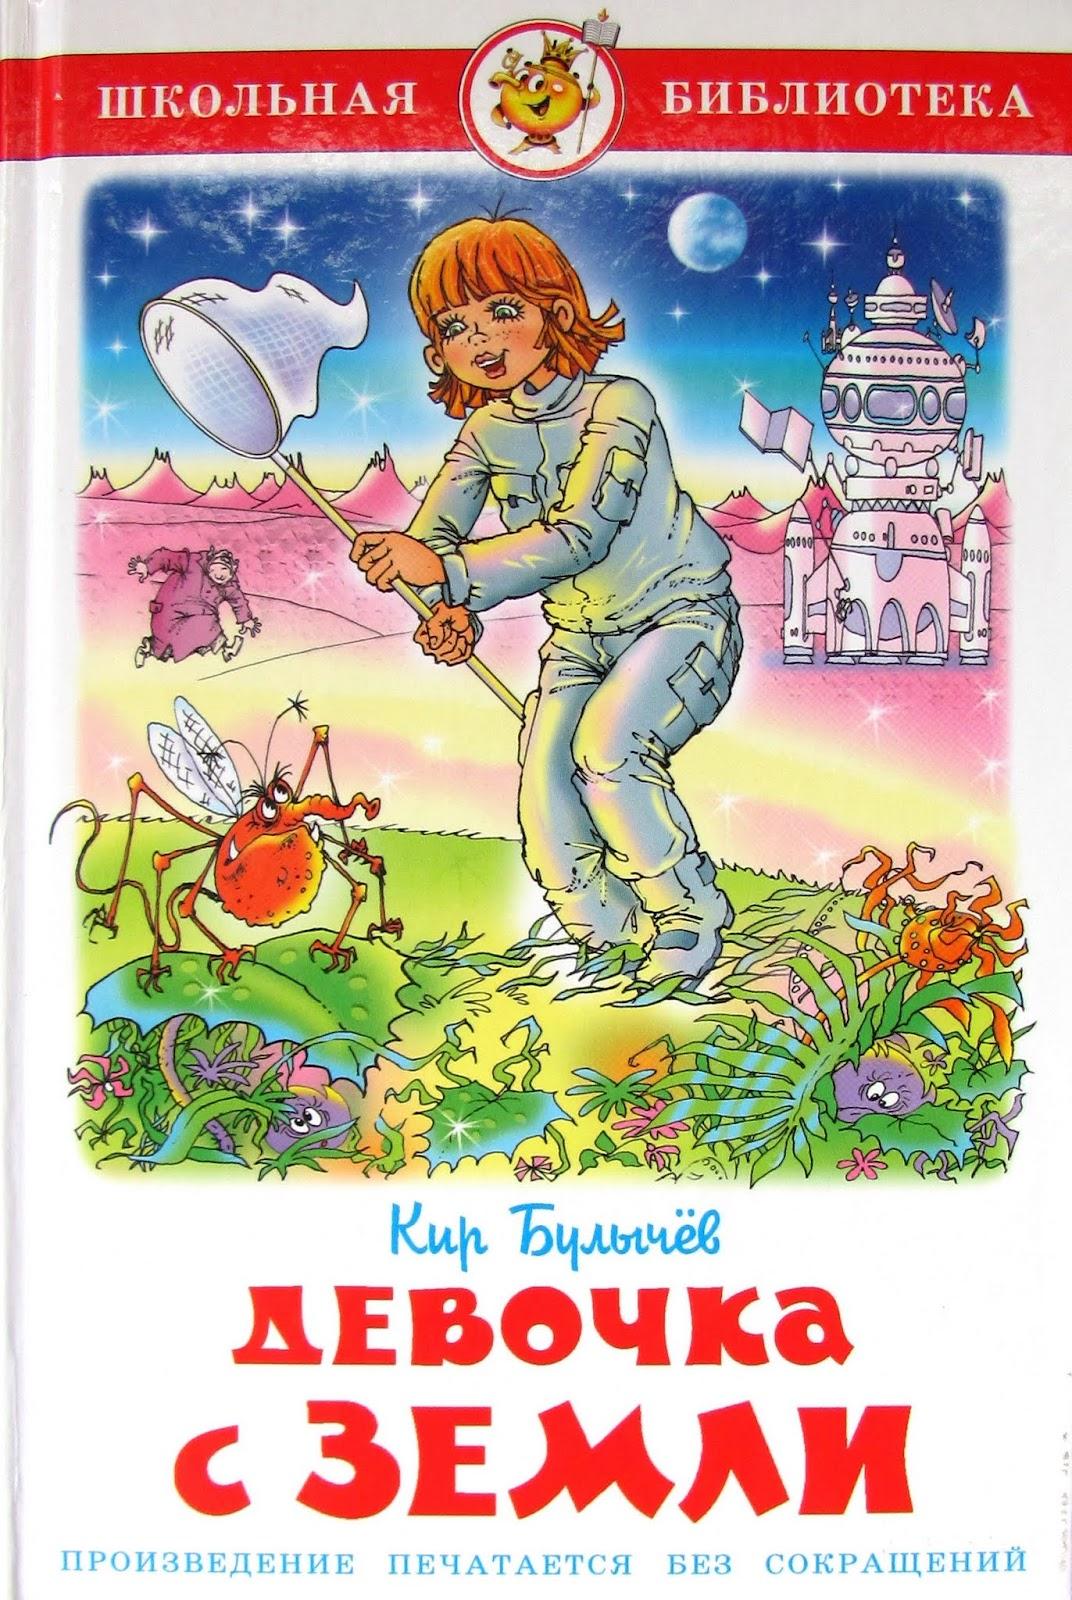 Зверополис друзи - 4 года на Мой Мир@Mail.ru